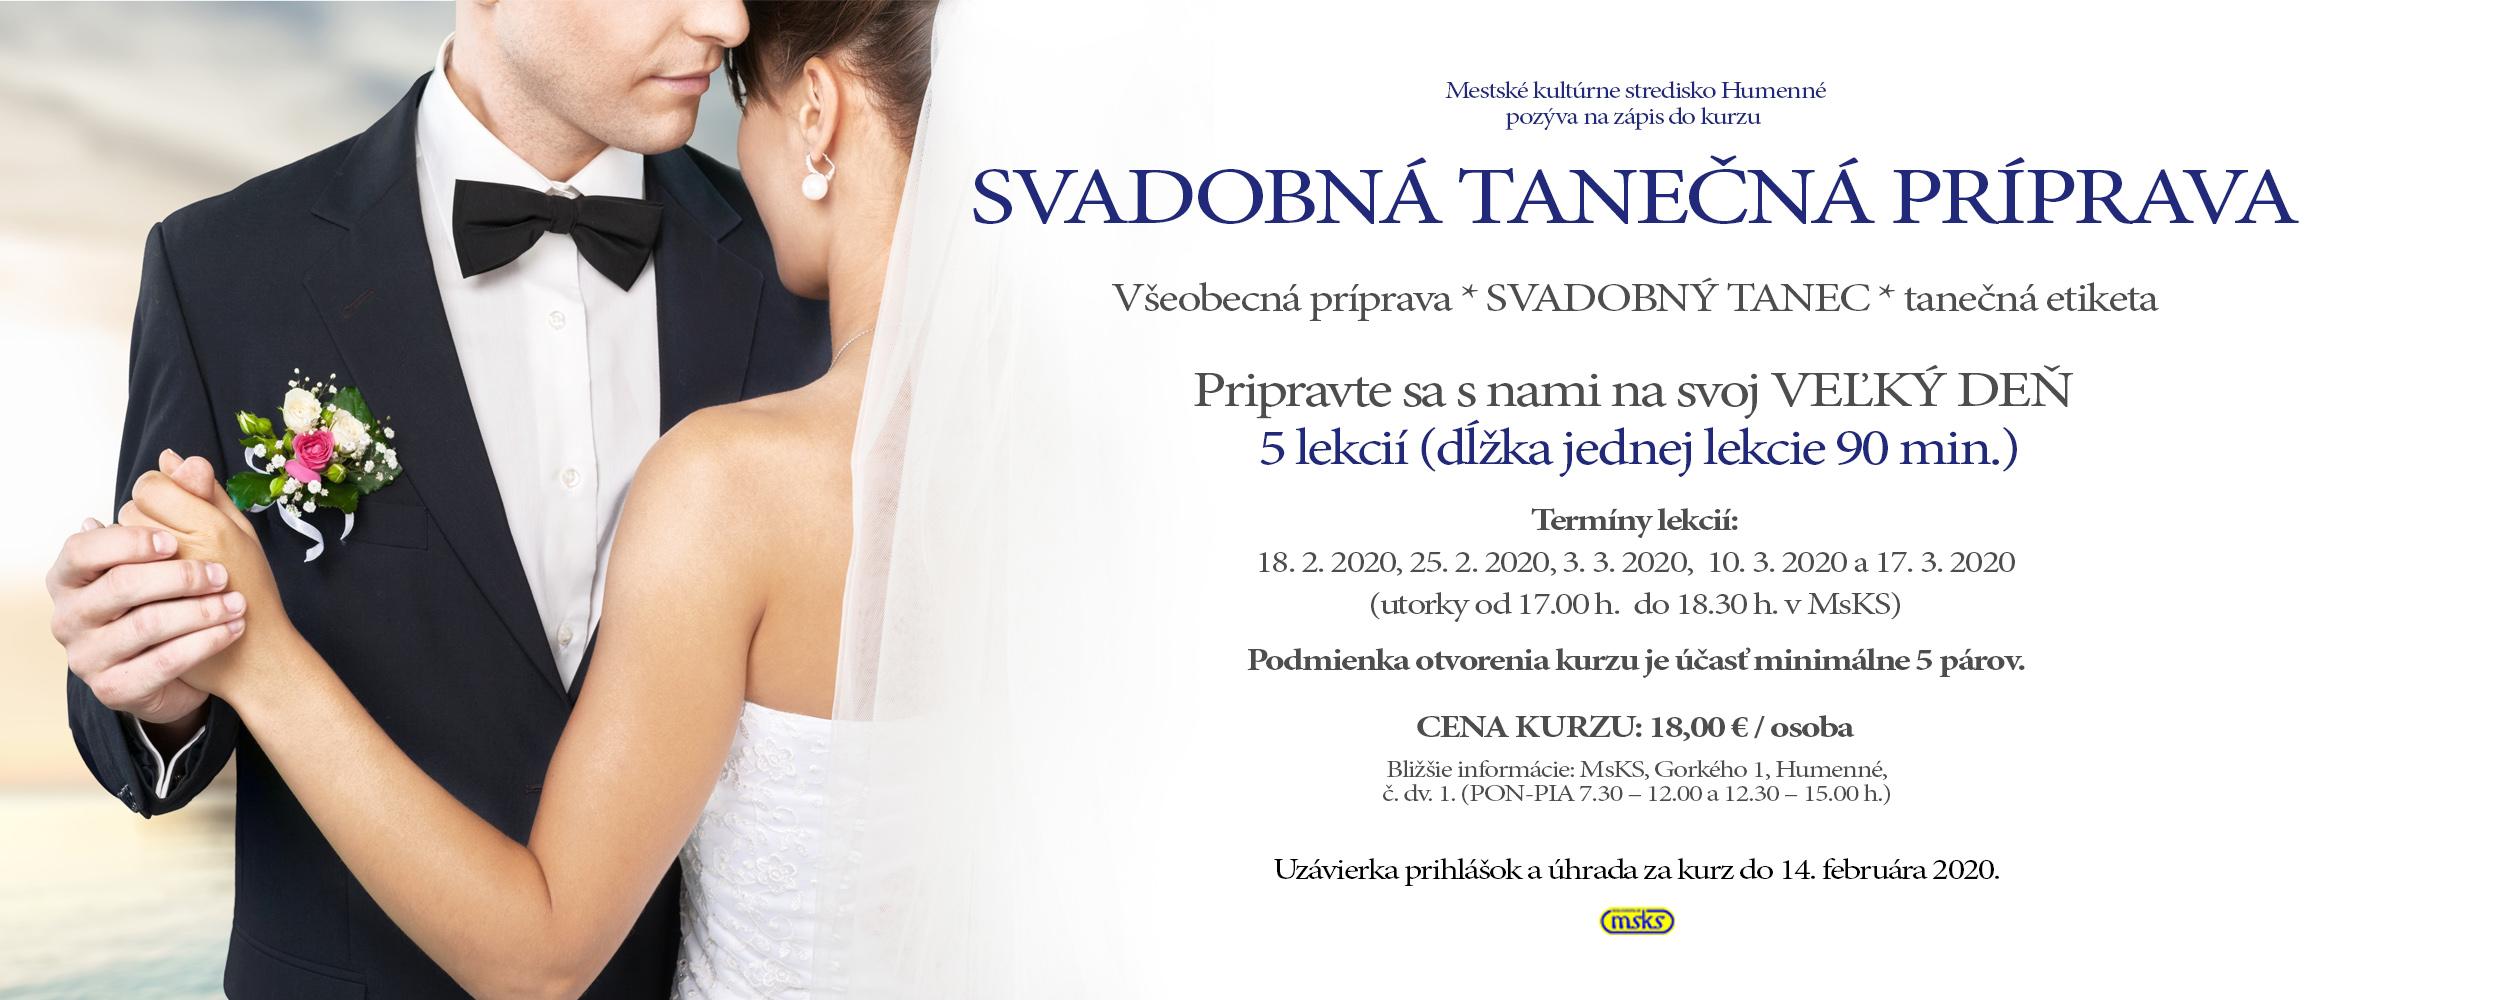 Svadba Tanec A2